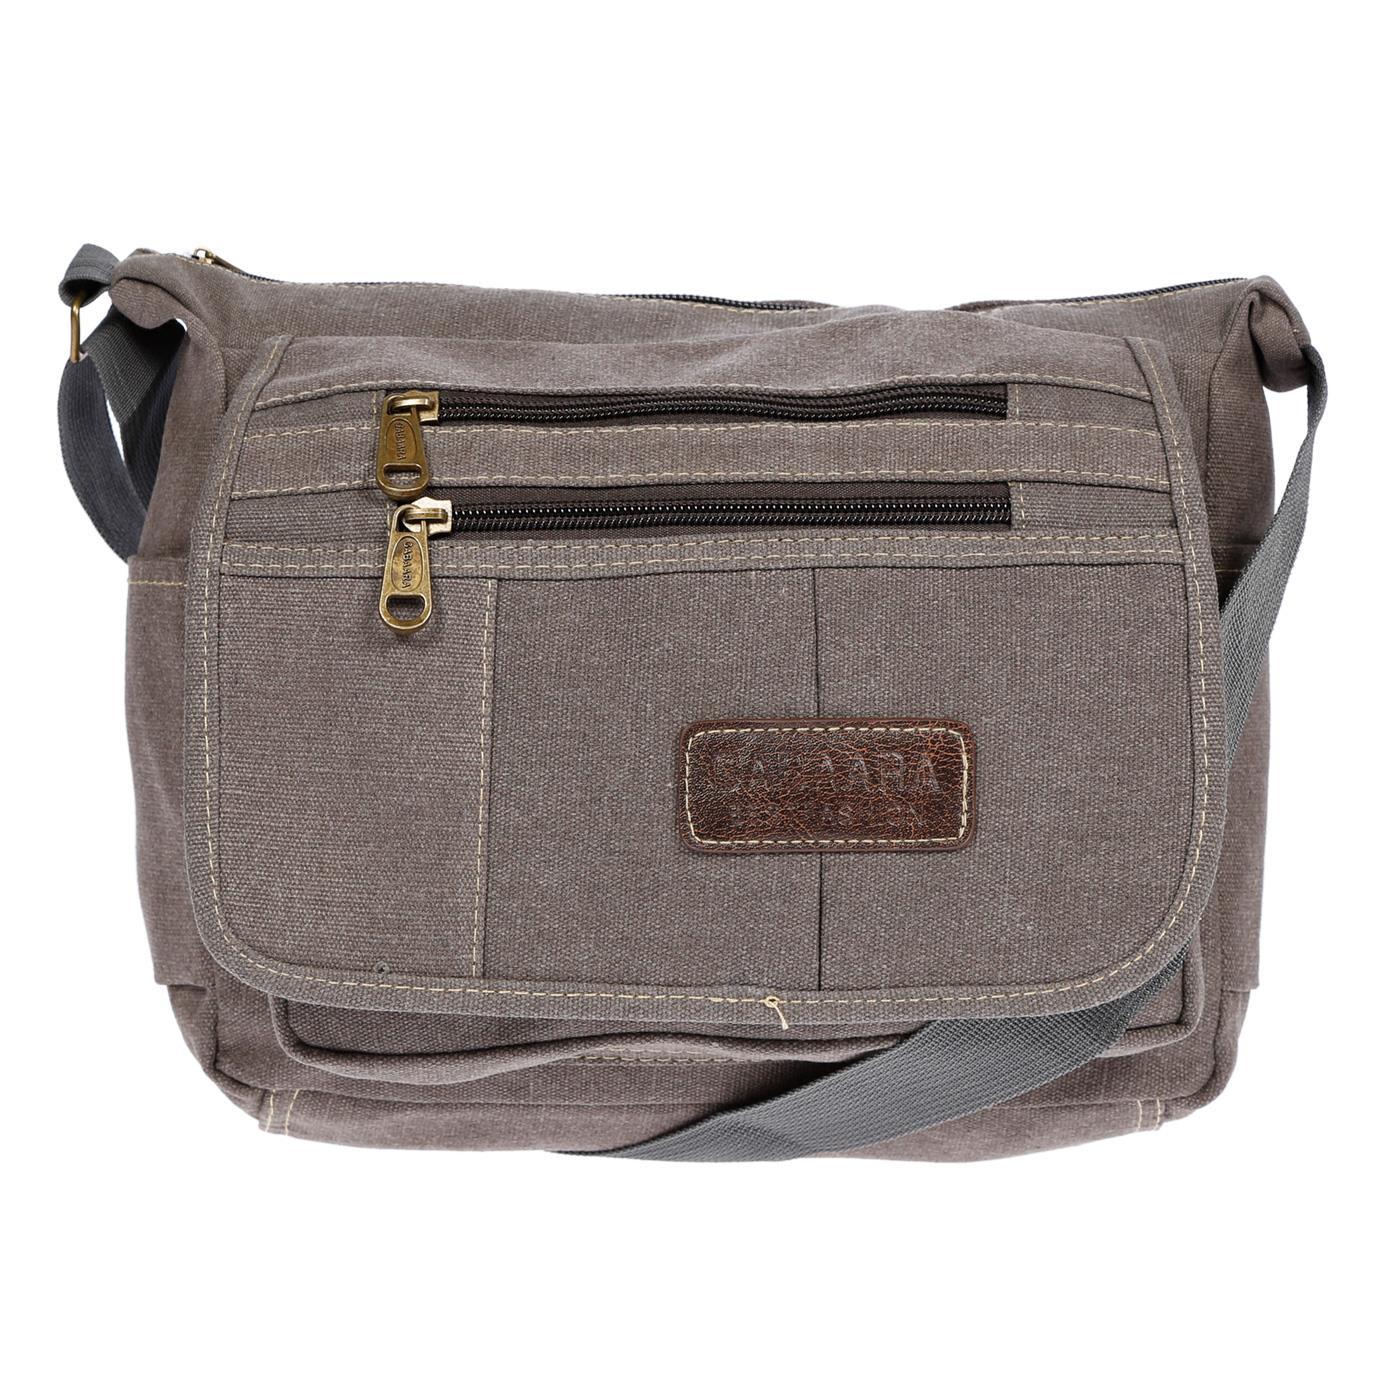 Damen-Tasche-Canvas-Umhaengetasche-Schultertasche-Crossover-Bag-Damenhandtasche Indexbild 32